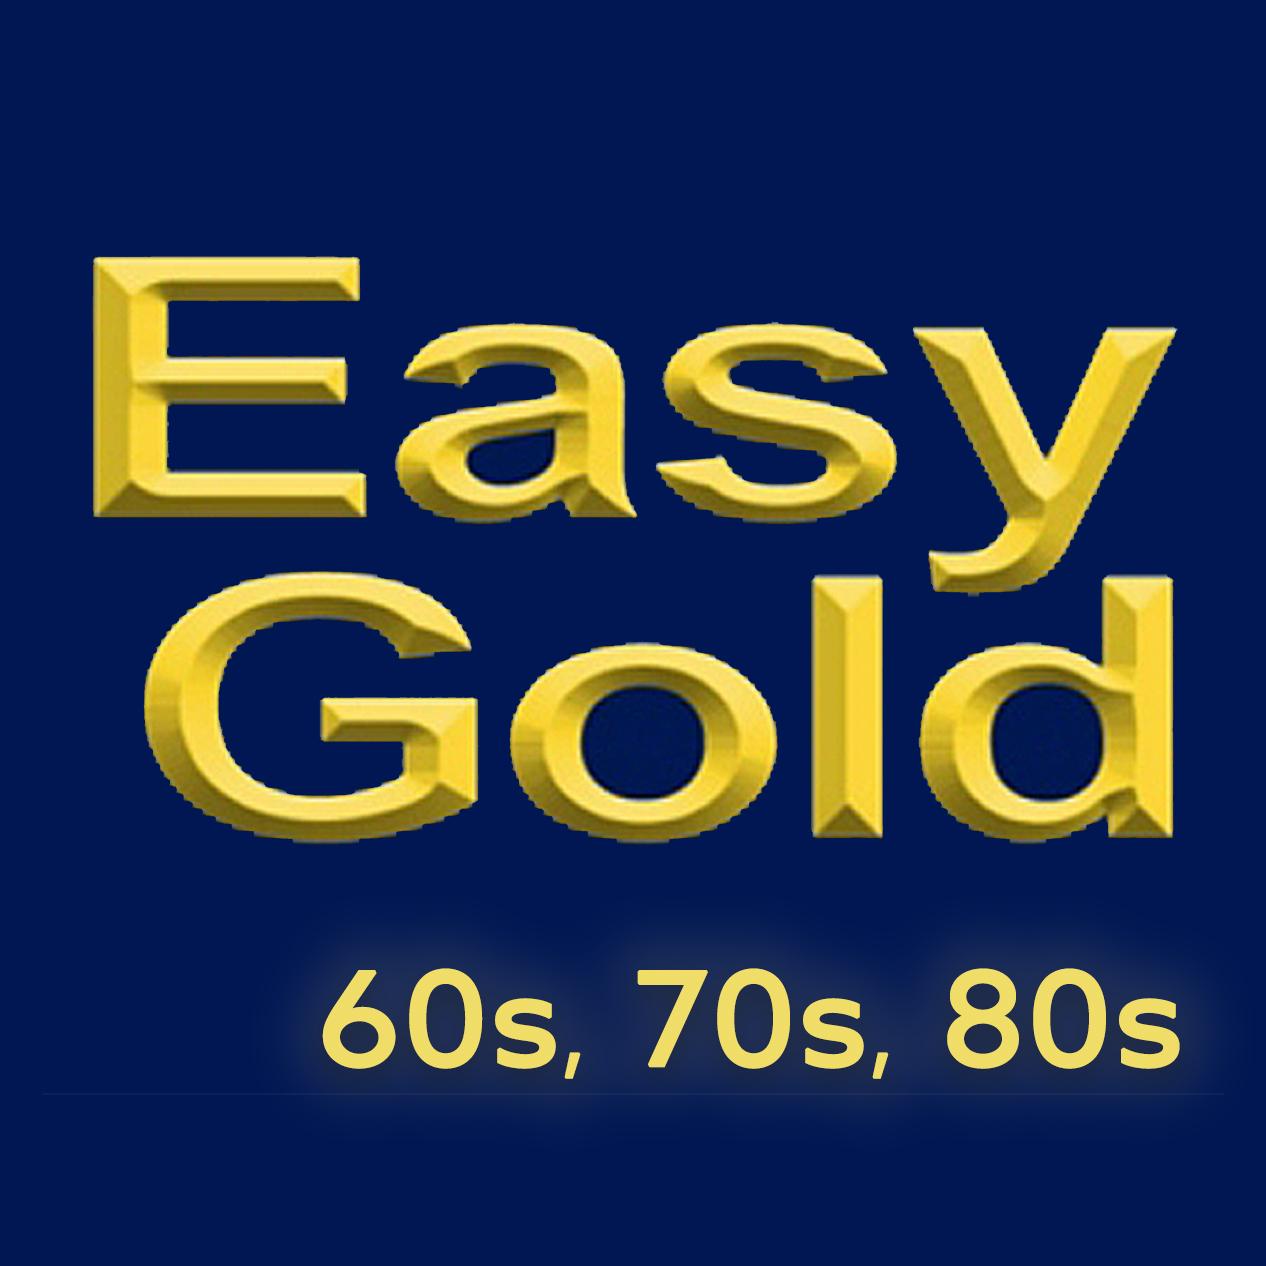 60s 70s 80s Easy Gold logo